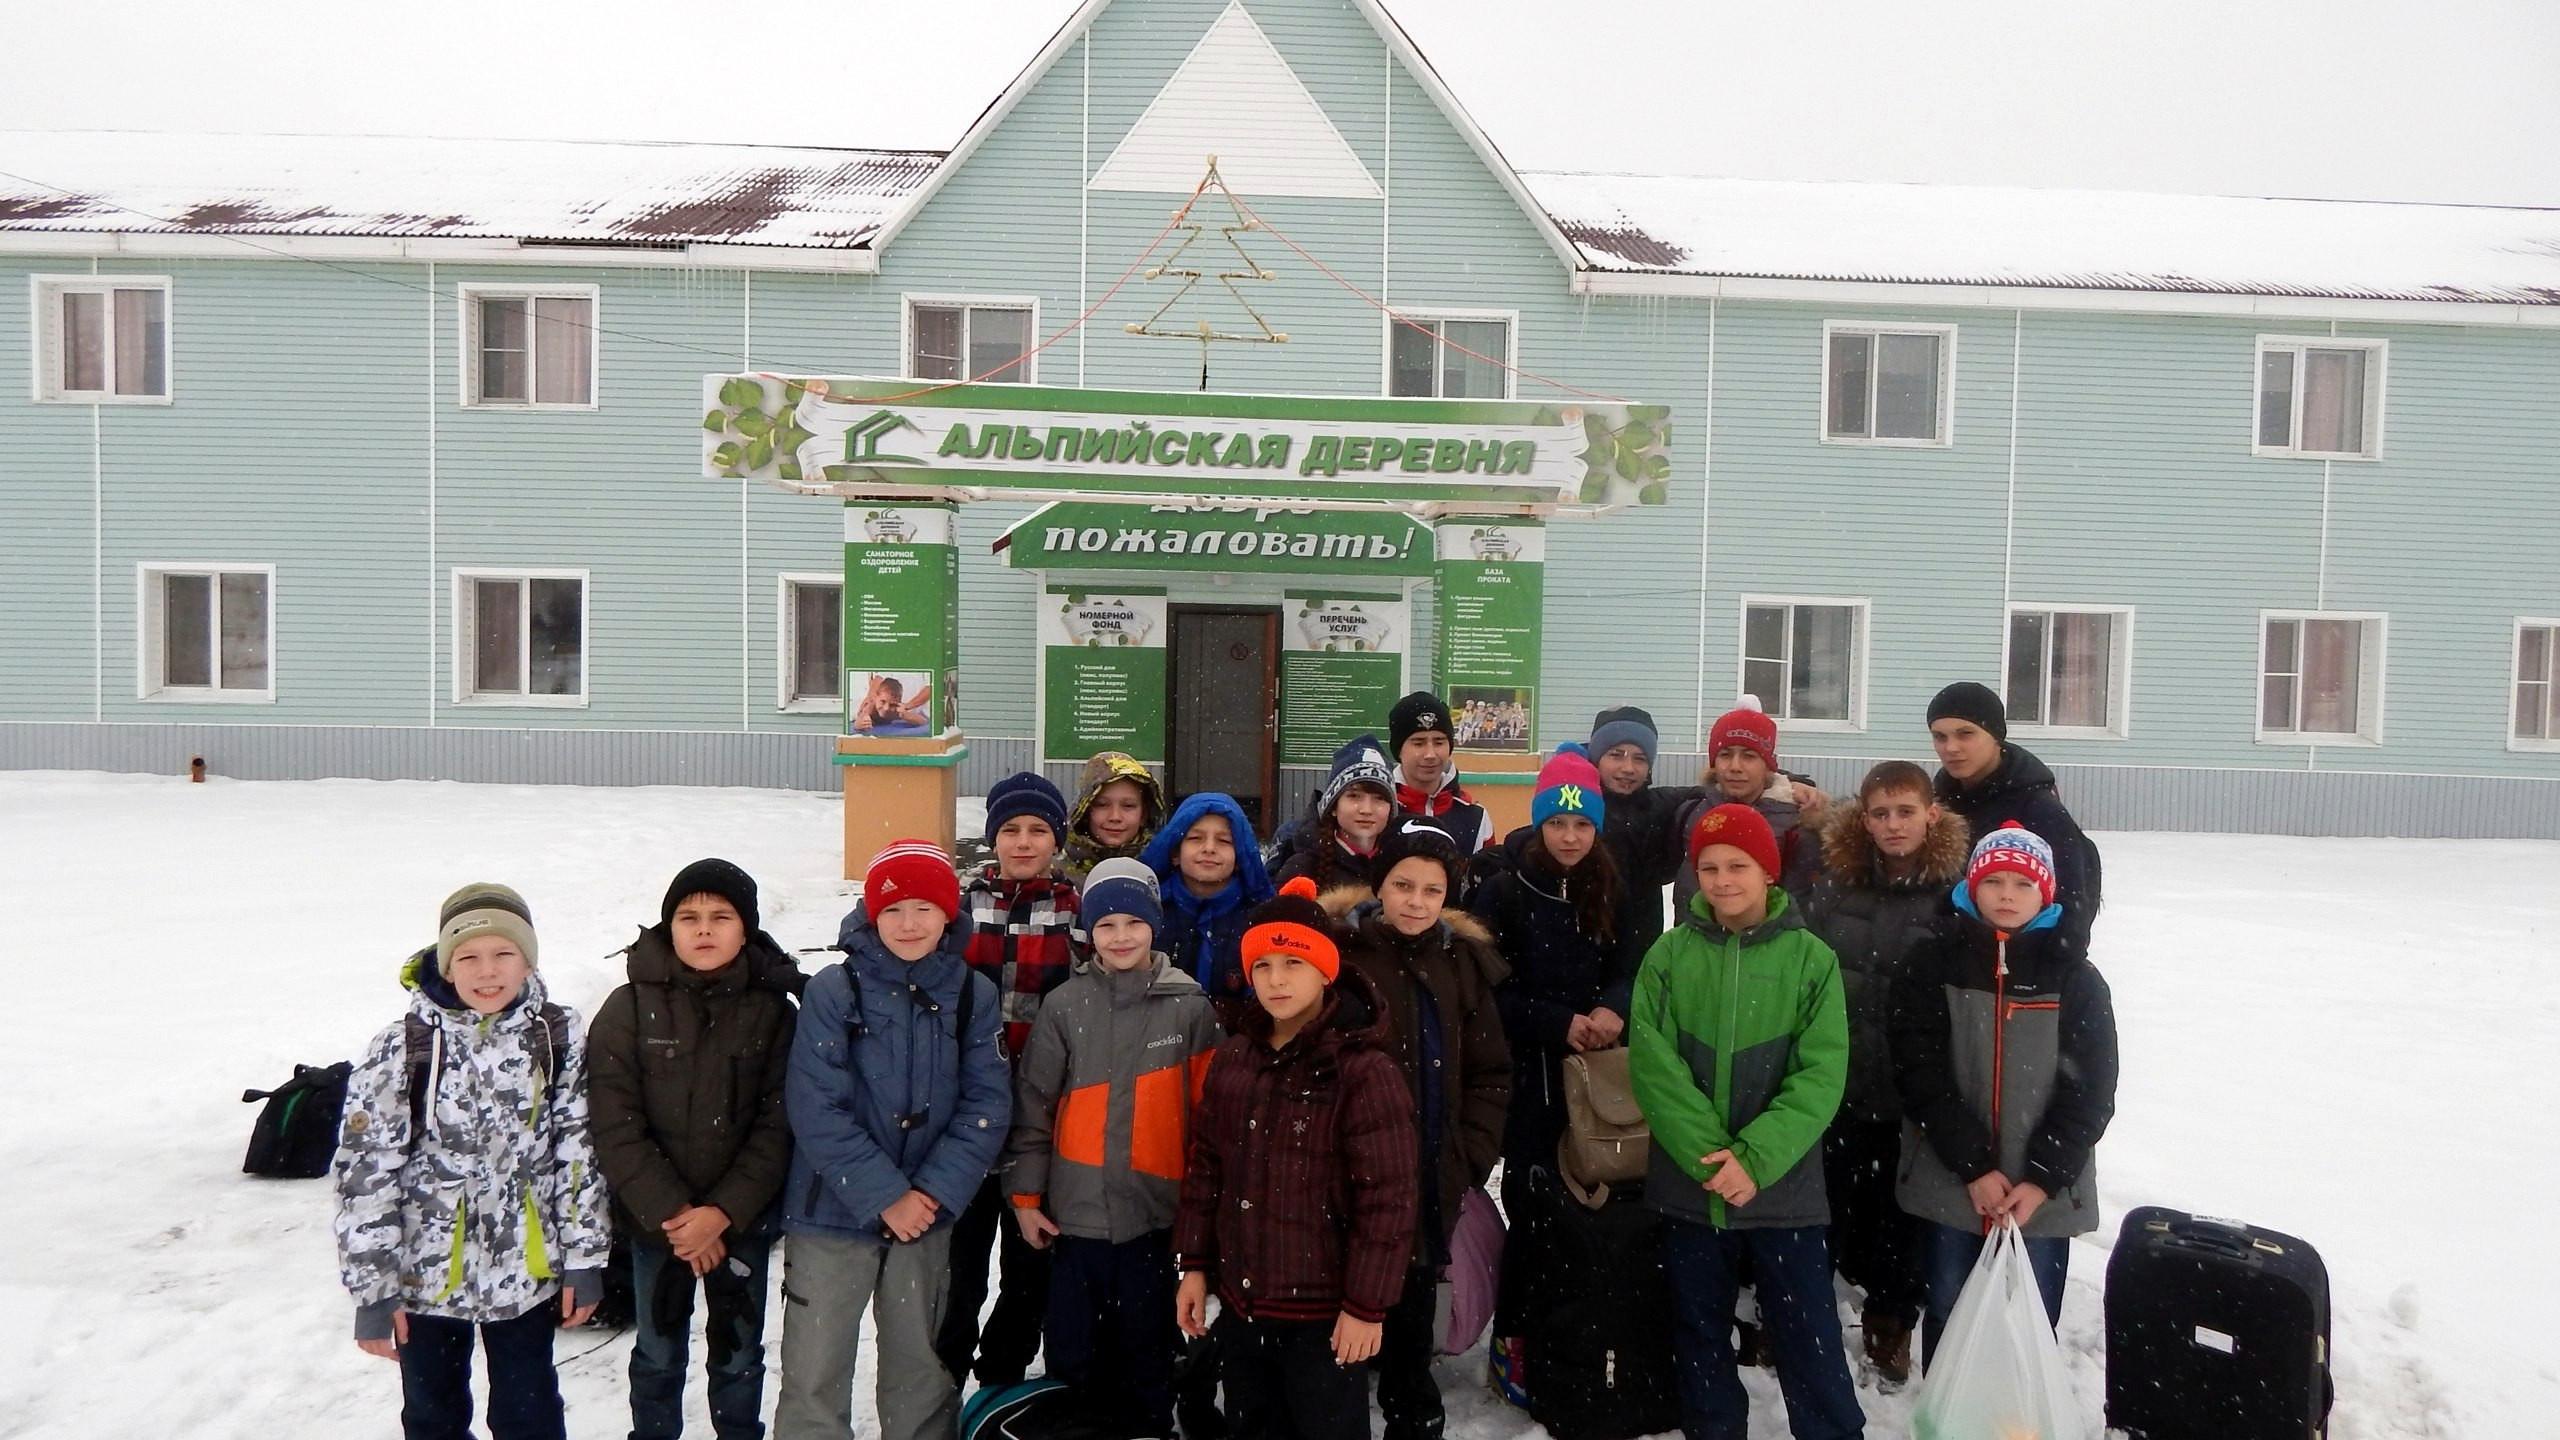 СК Вызов, УТС, ноябрь 2016, Альпийская деревня